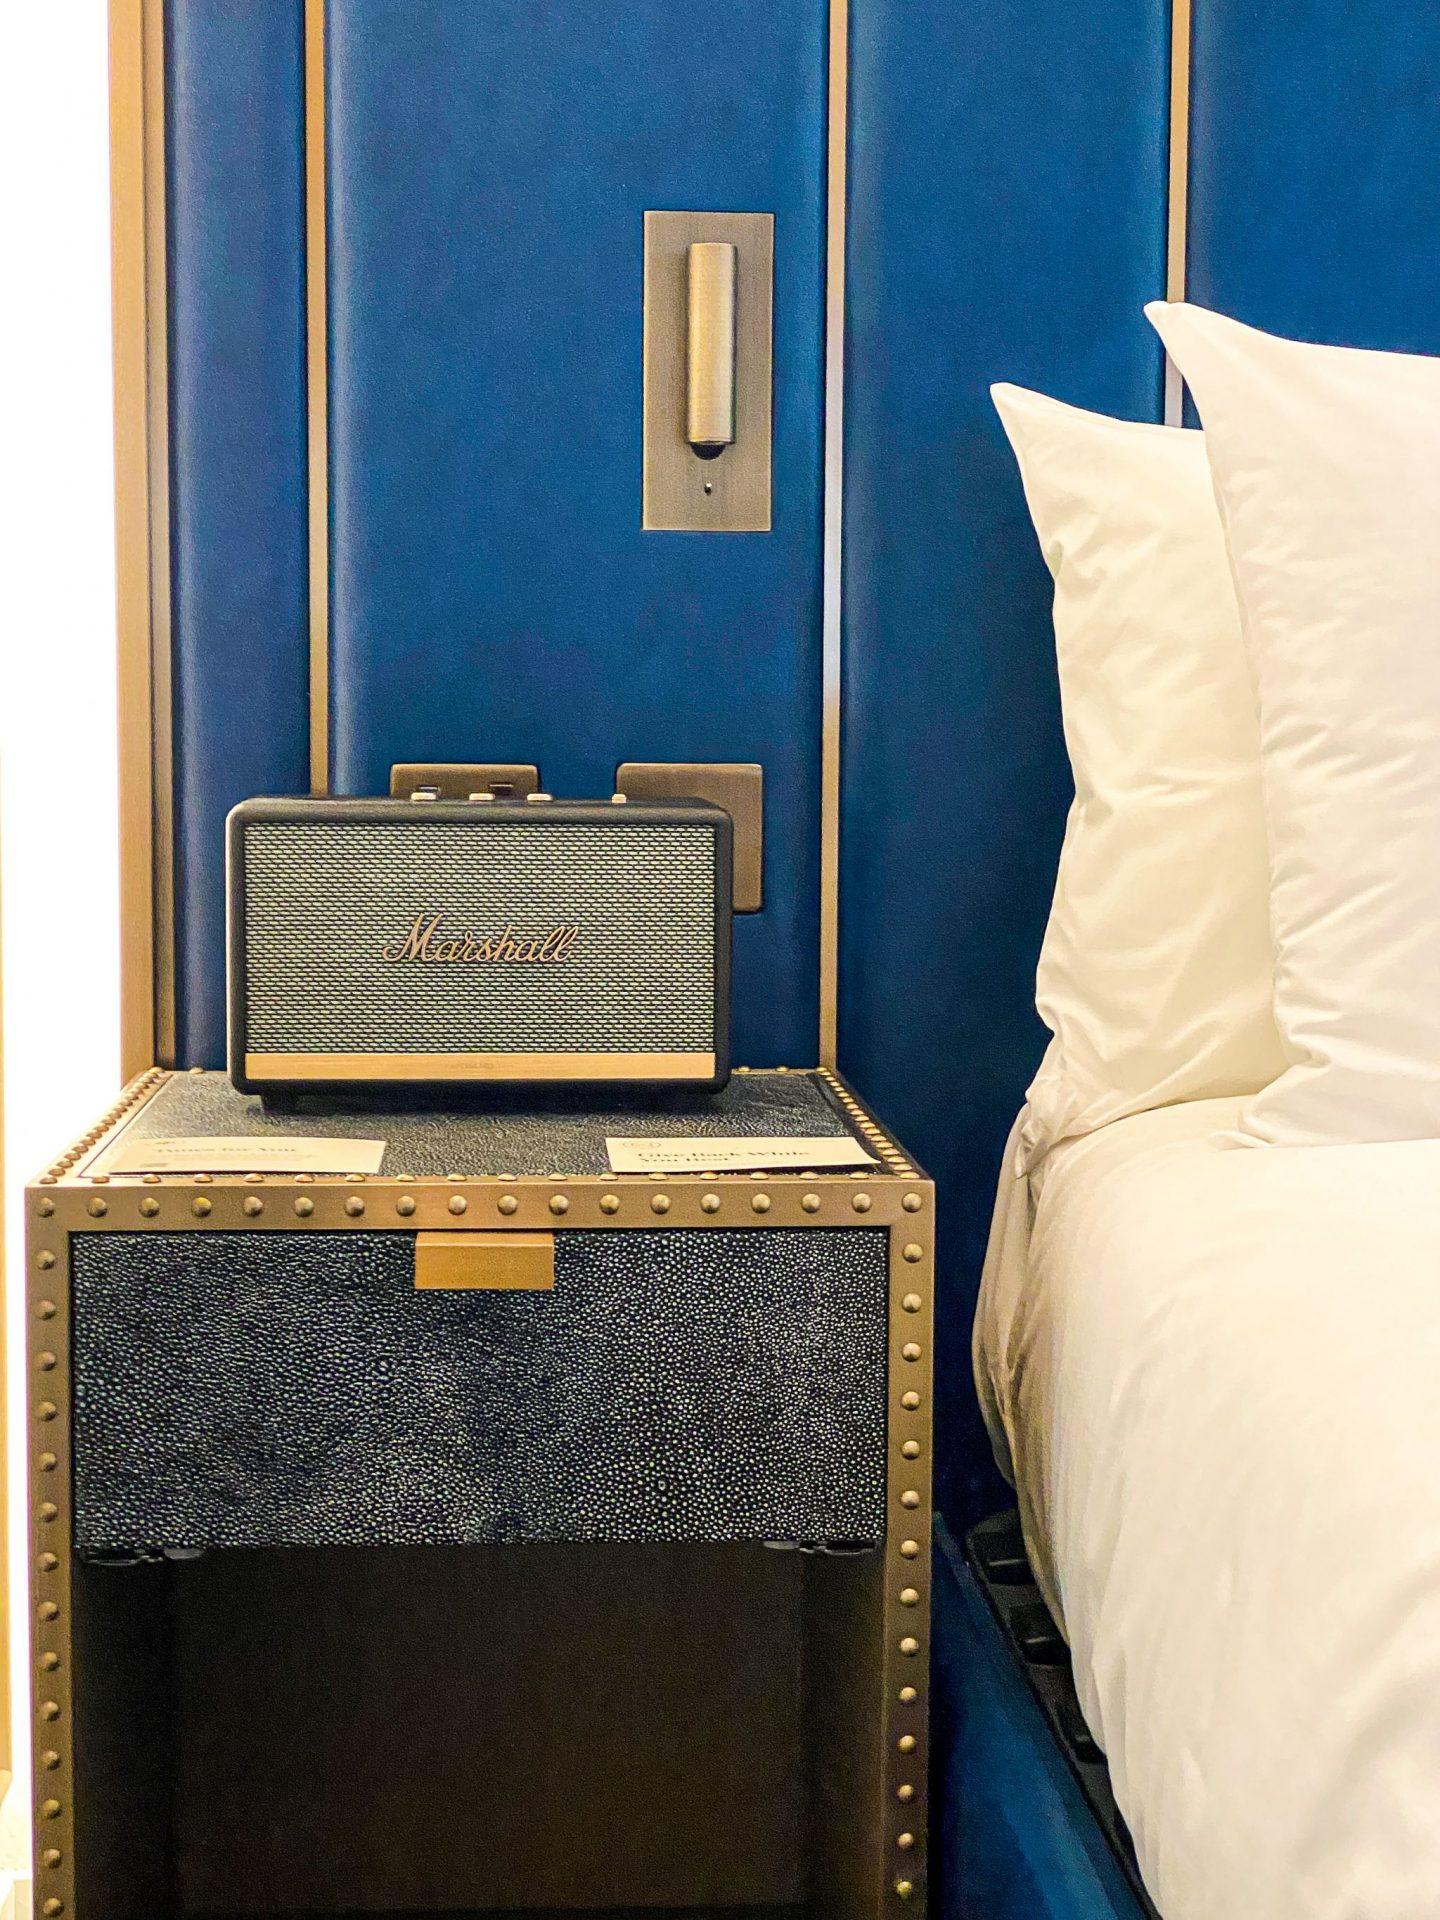 Marshall Speaker in room